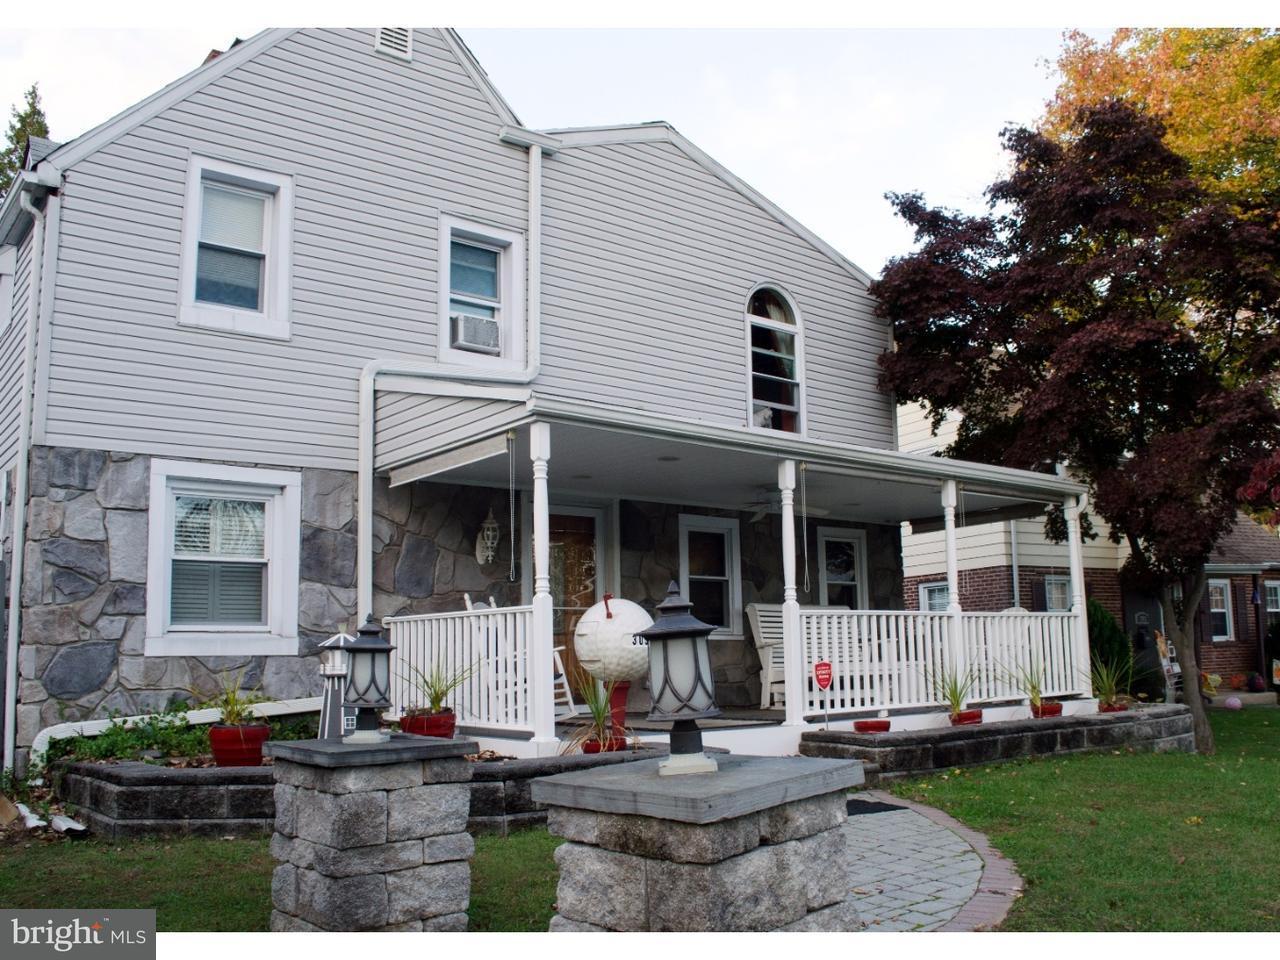 Частный односемейный дом для того Продажа на 305 HARDING Avenue Folsom, Пенсильвания 19033 Соединенные Штаты